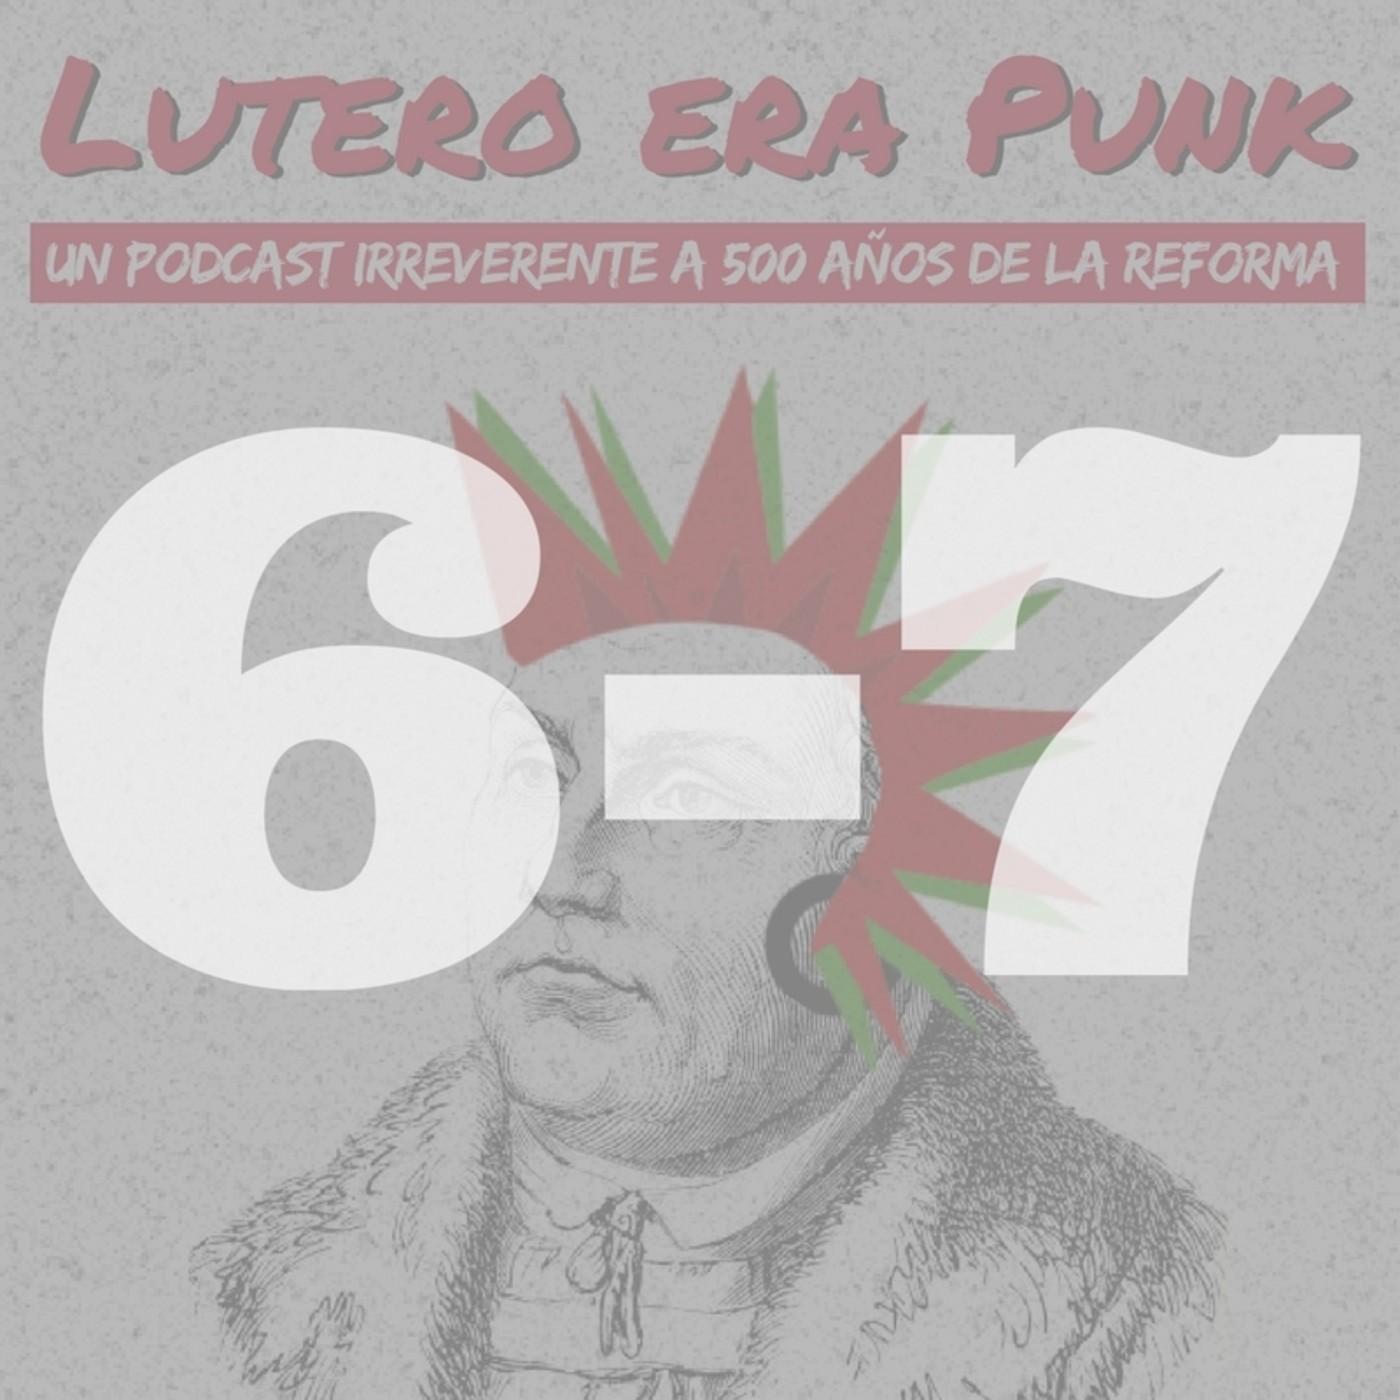 Lutero era punk | Capítulos 6 y 7